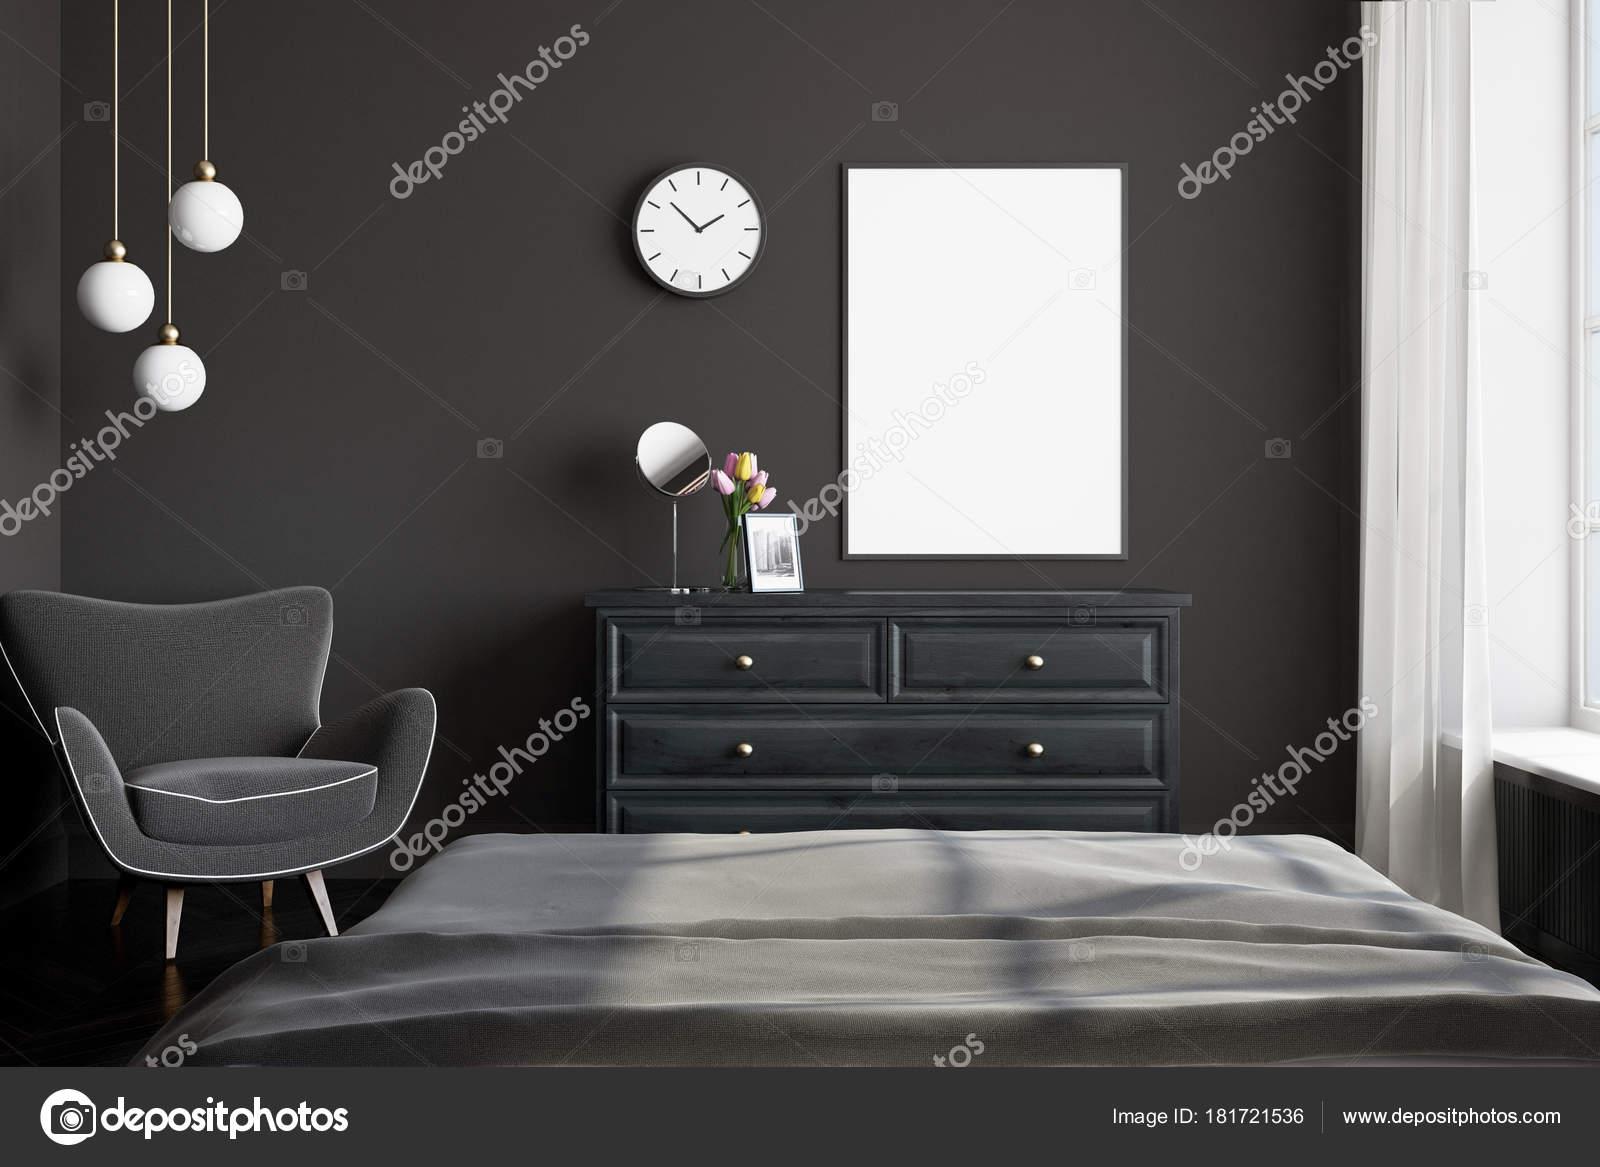 Μαύρος/η Έφηβος γκαλερί εικόνα